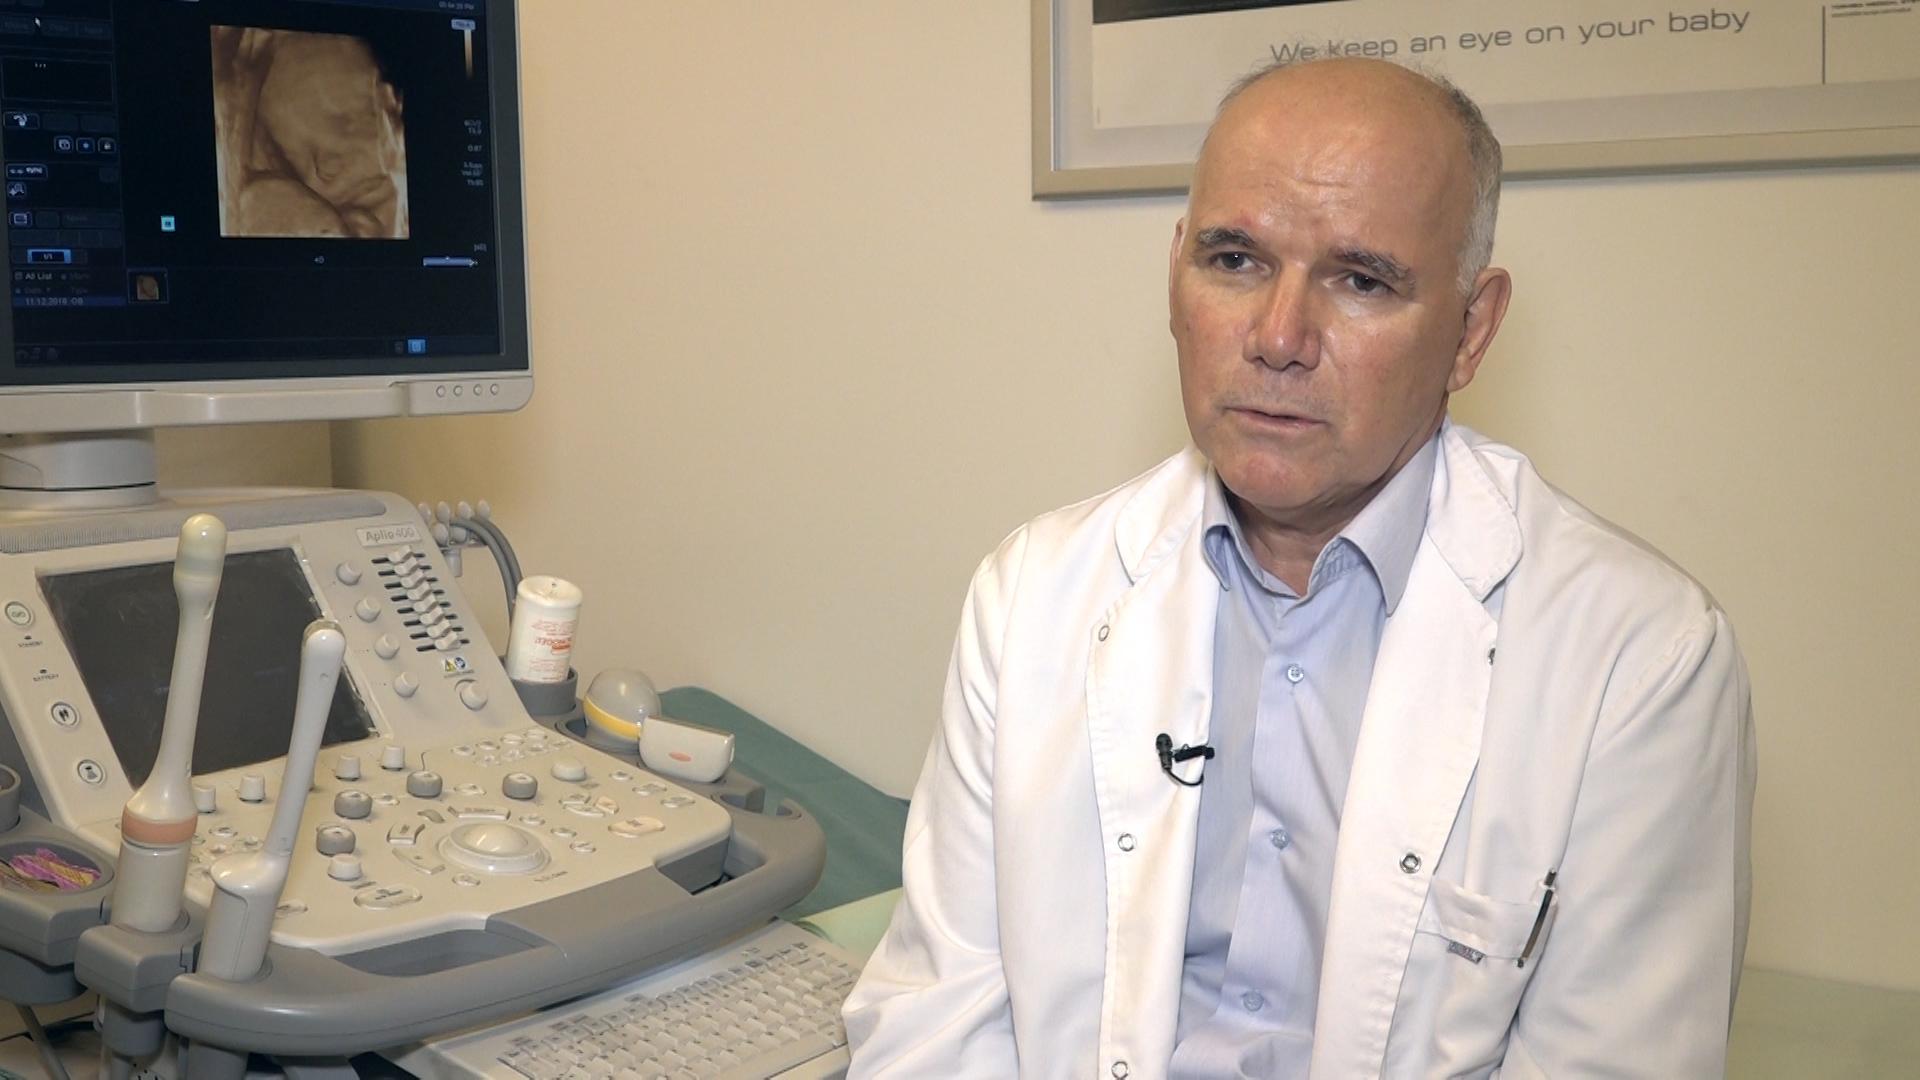 Dyshohet se shitnin spermë dhe vezore jashtëligjshëm, arrestohen mjekët nga Gjakova